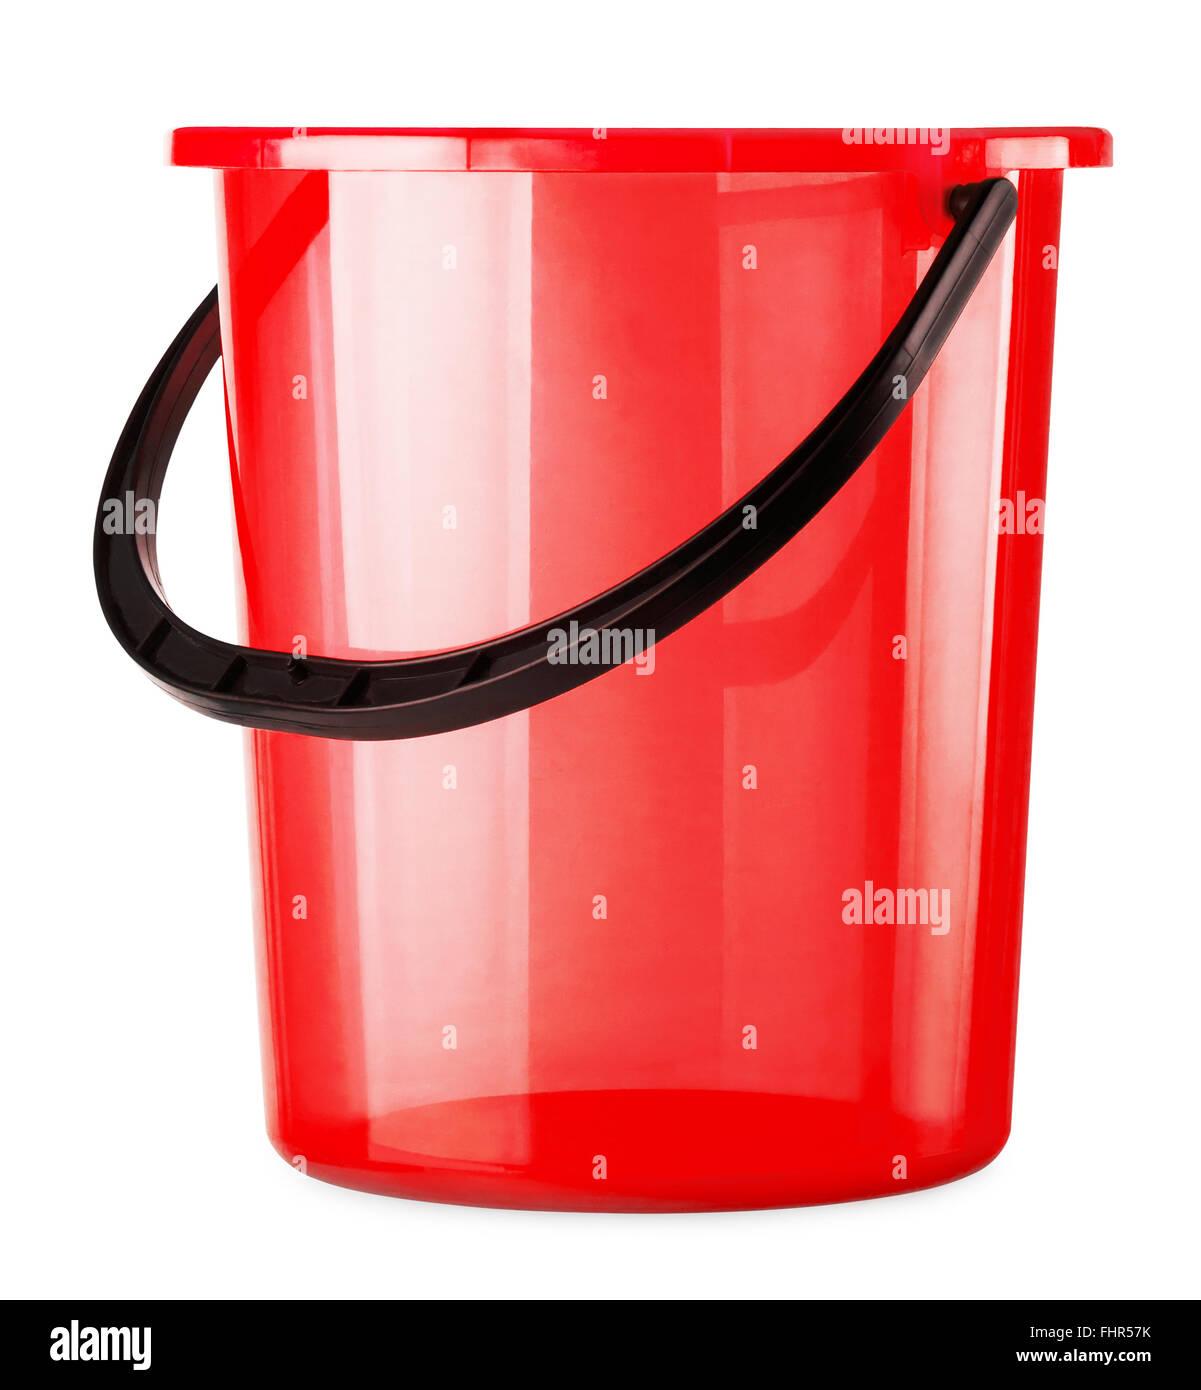 Svuotare la benna rosso isolato su uno sfondo bianco Immagini Stock